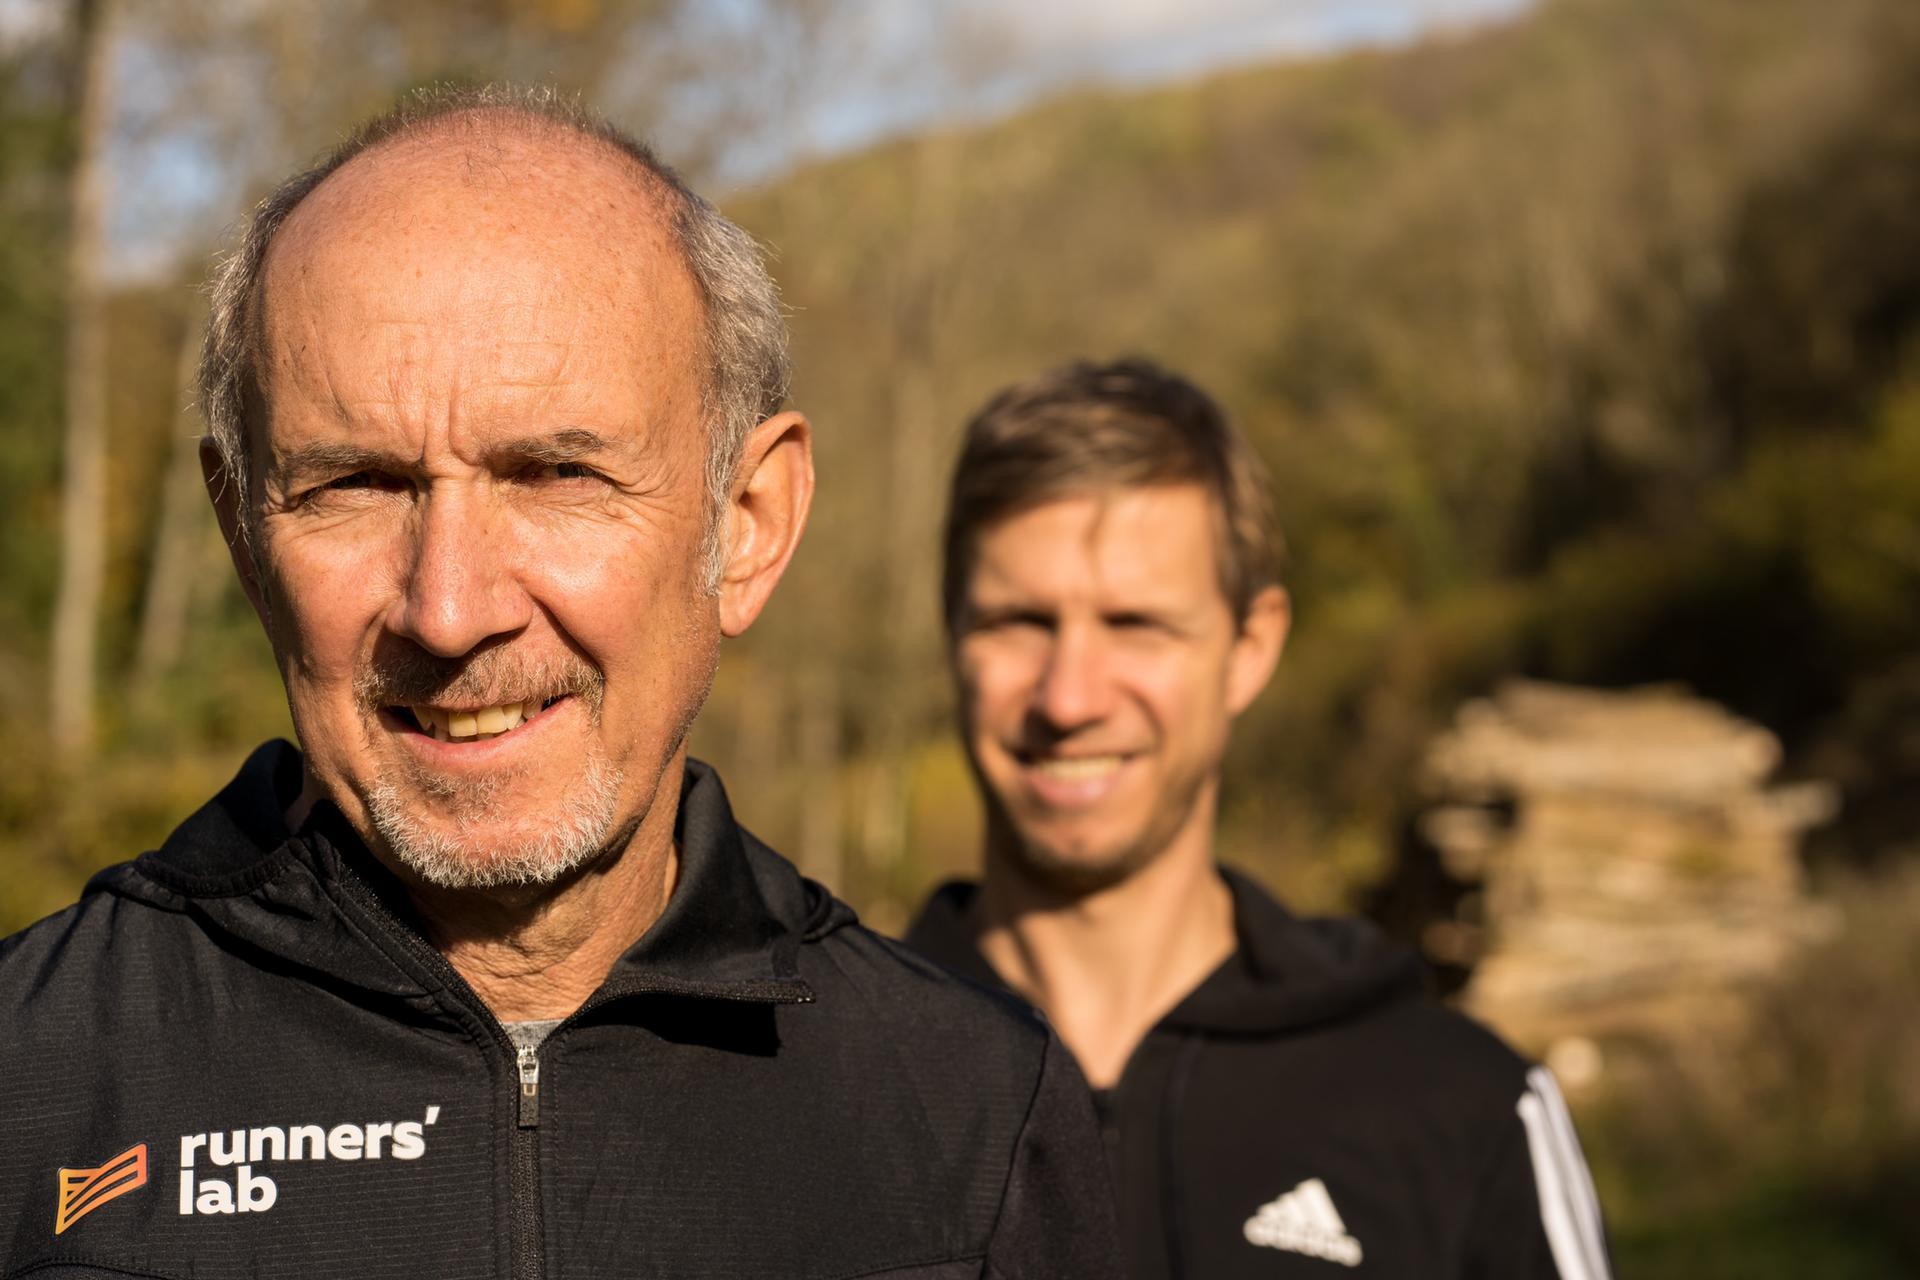 Jempi-wilssens-Koen-Wilssens-runnerslab-40jaar